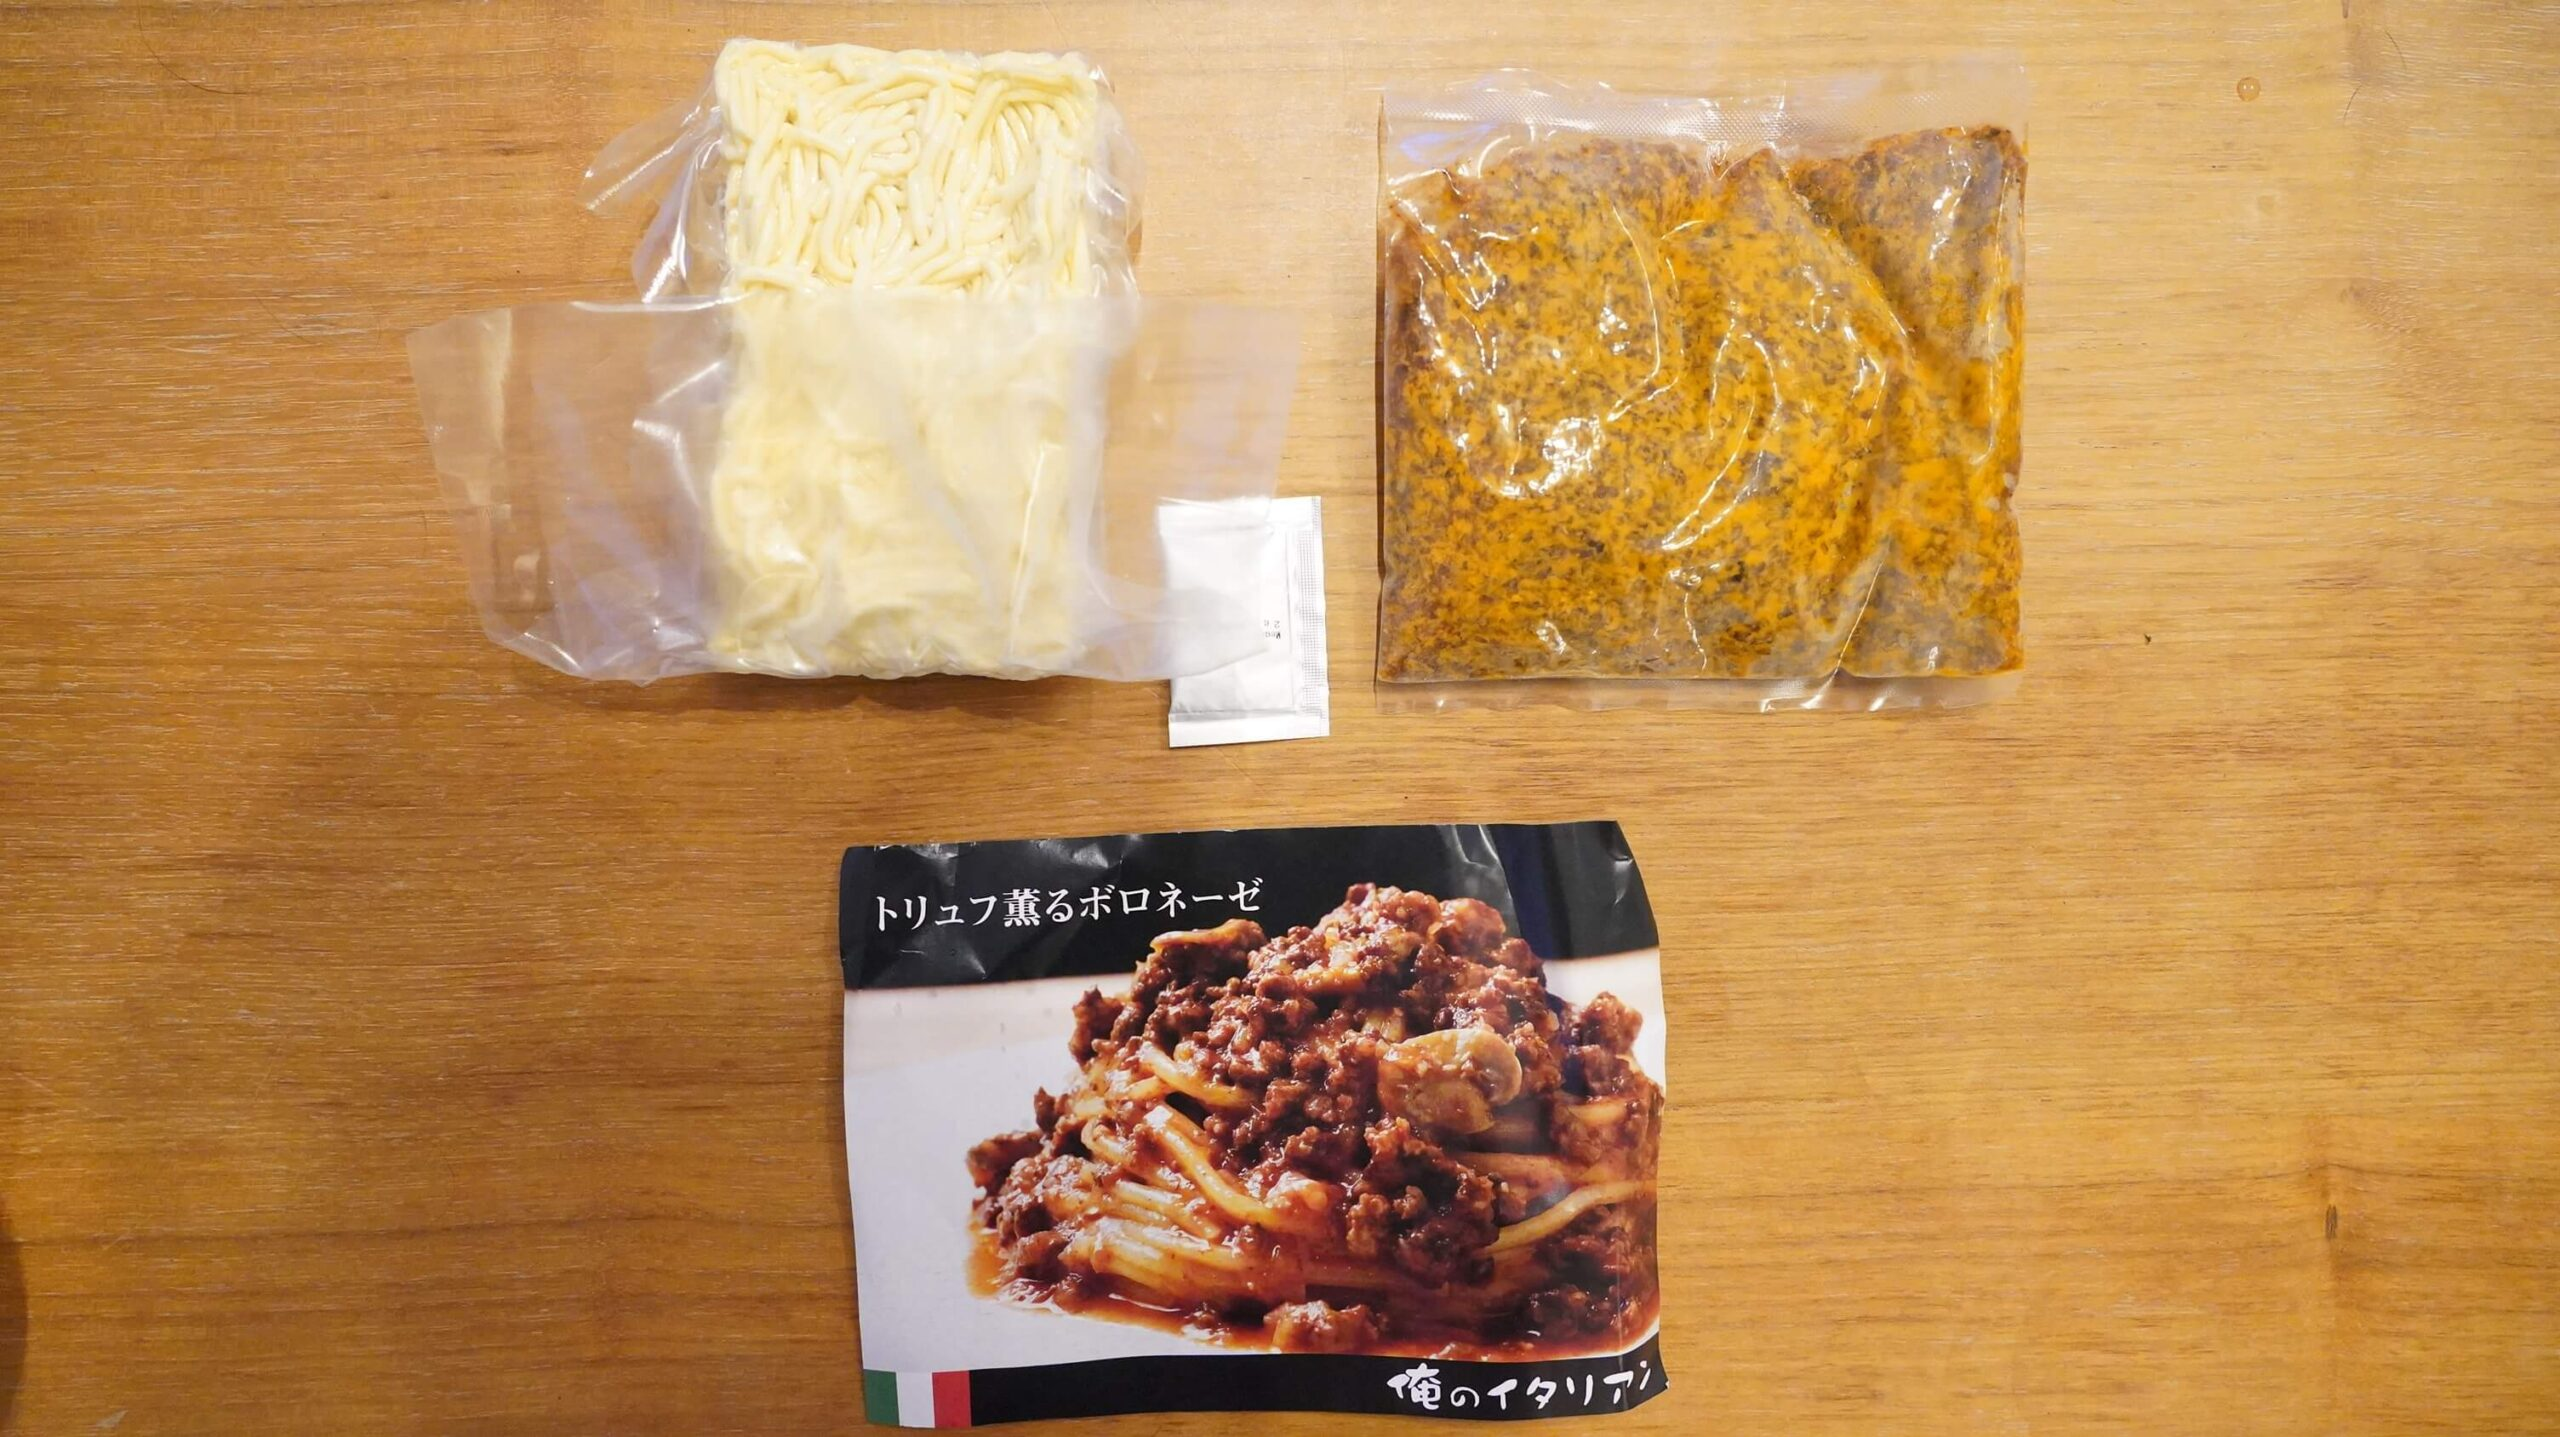 俺のイタリアンの冷凍食品「トリュフ薫るボロネーゼ」の内容物一式の写真